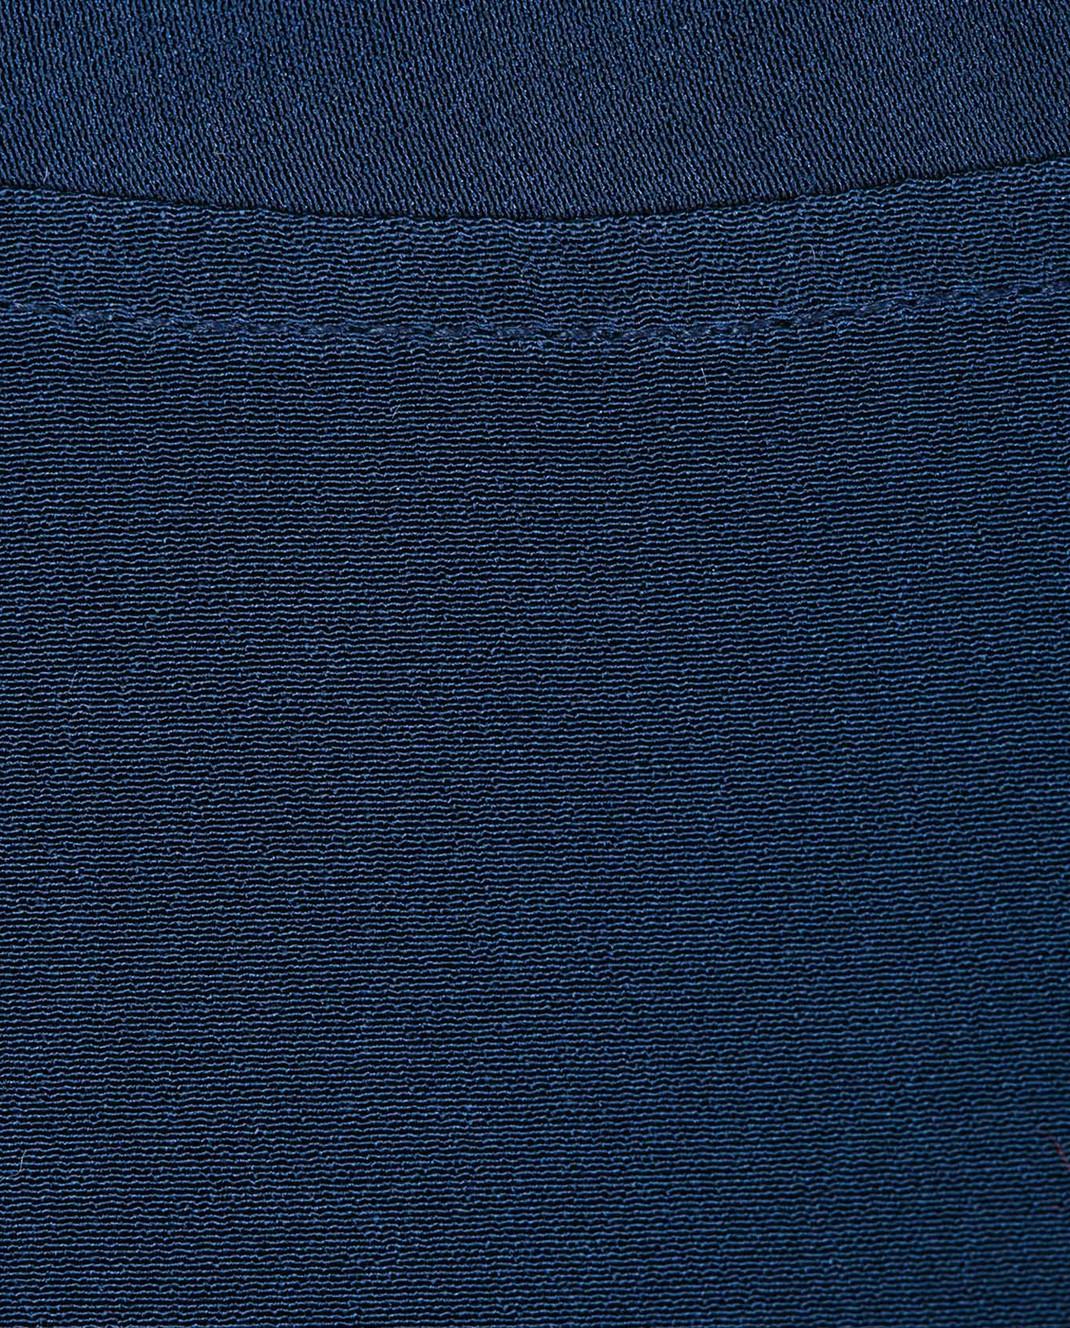 Chloe Синяя блуза 17SHT31 изображение 5